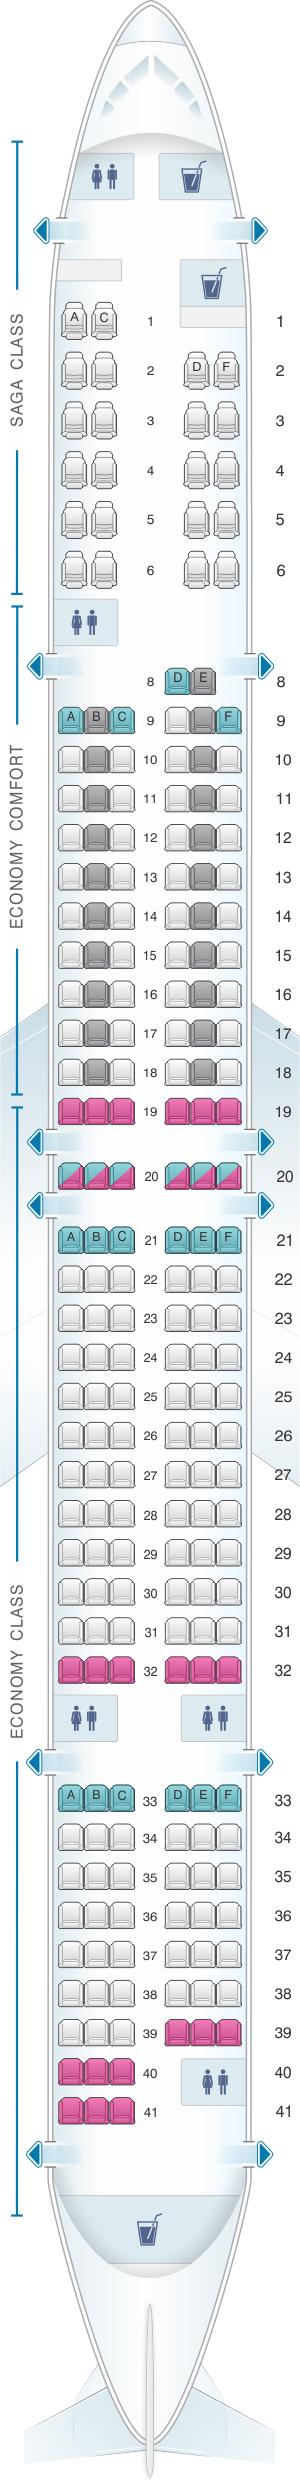 Seat map icelandair boeing  also pinterest rh